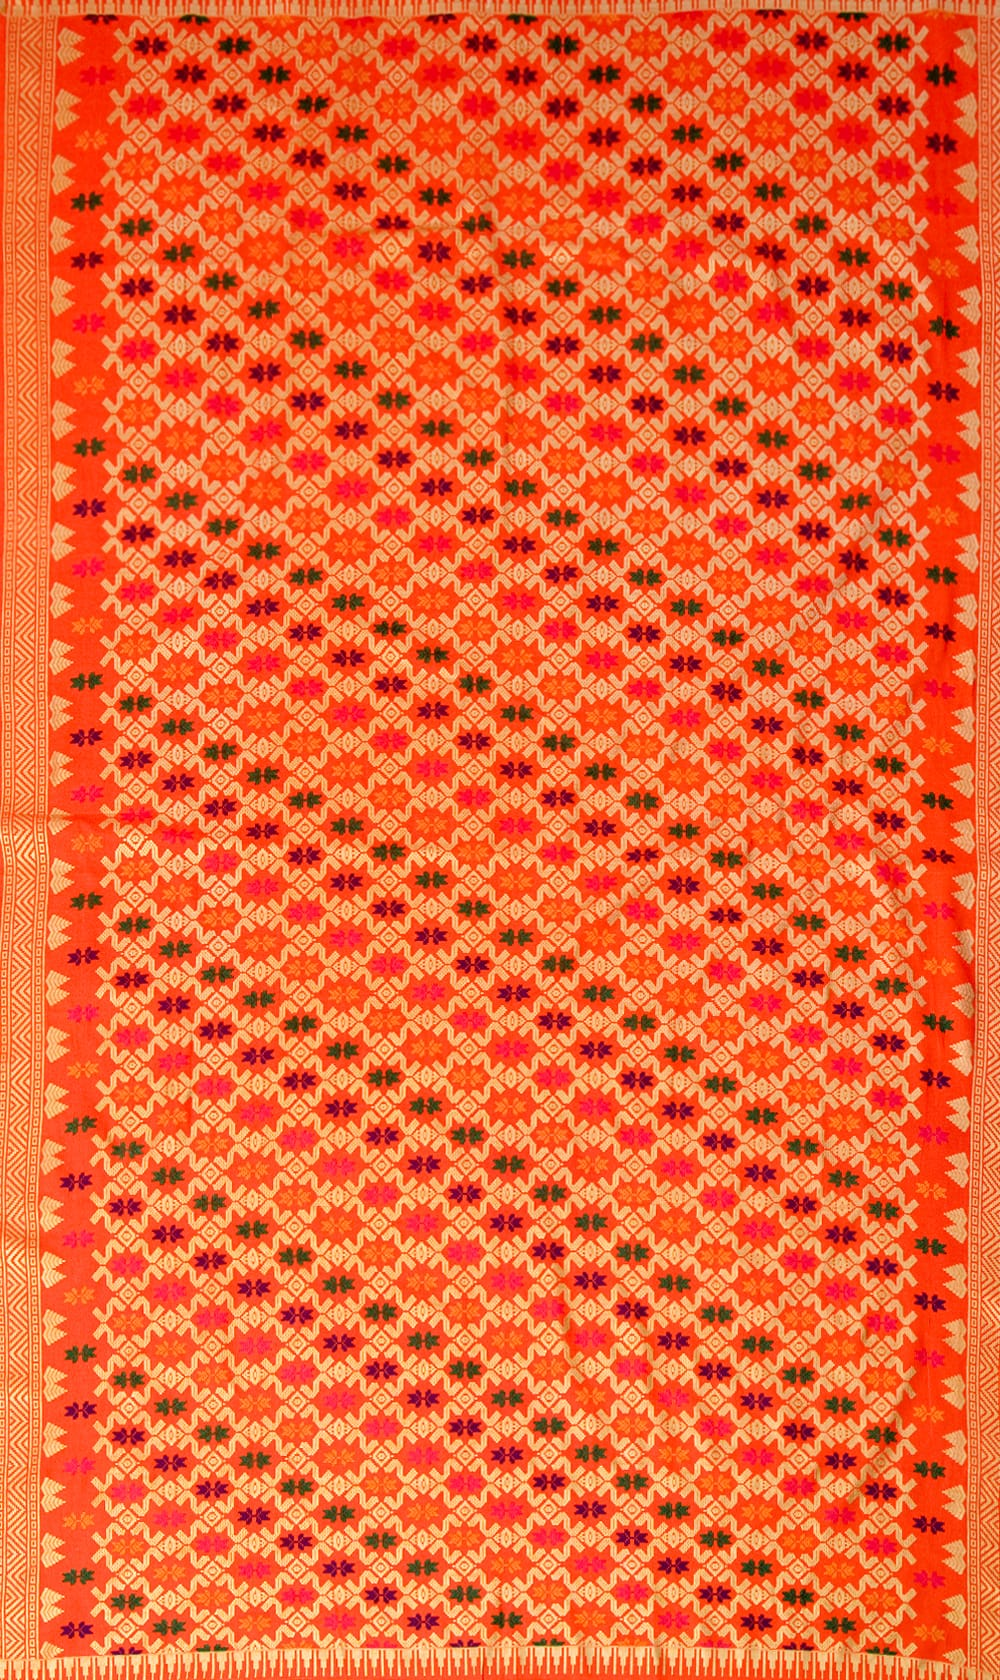 〔185cm*110cm〕インドネシア伝統のコットンバティック - 橙色・伝統模様の写真